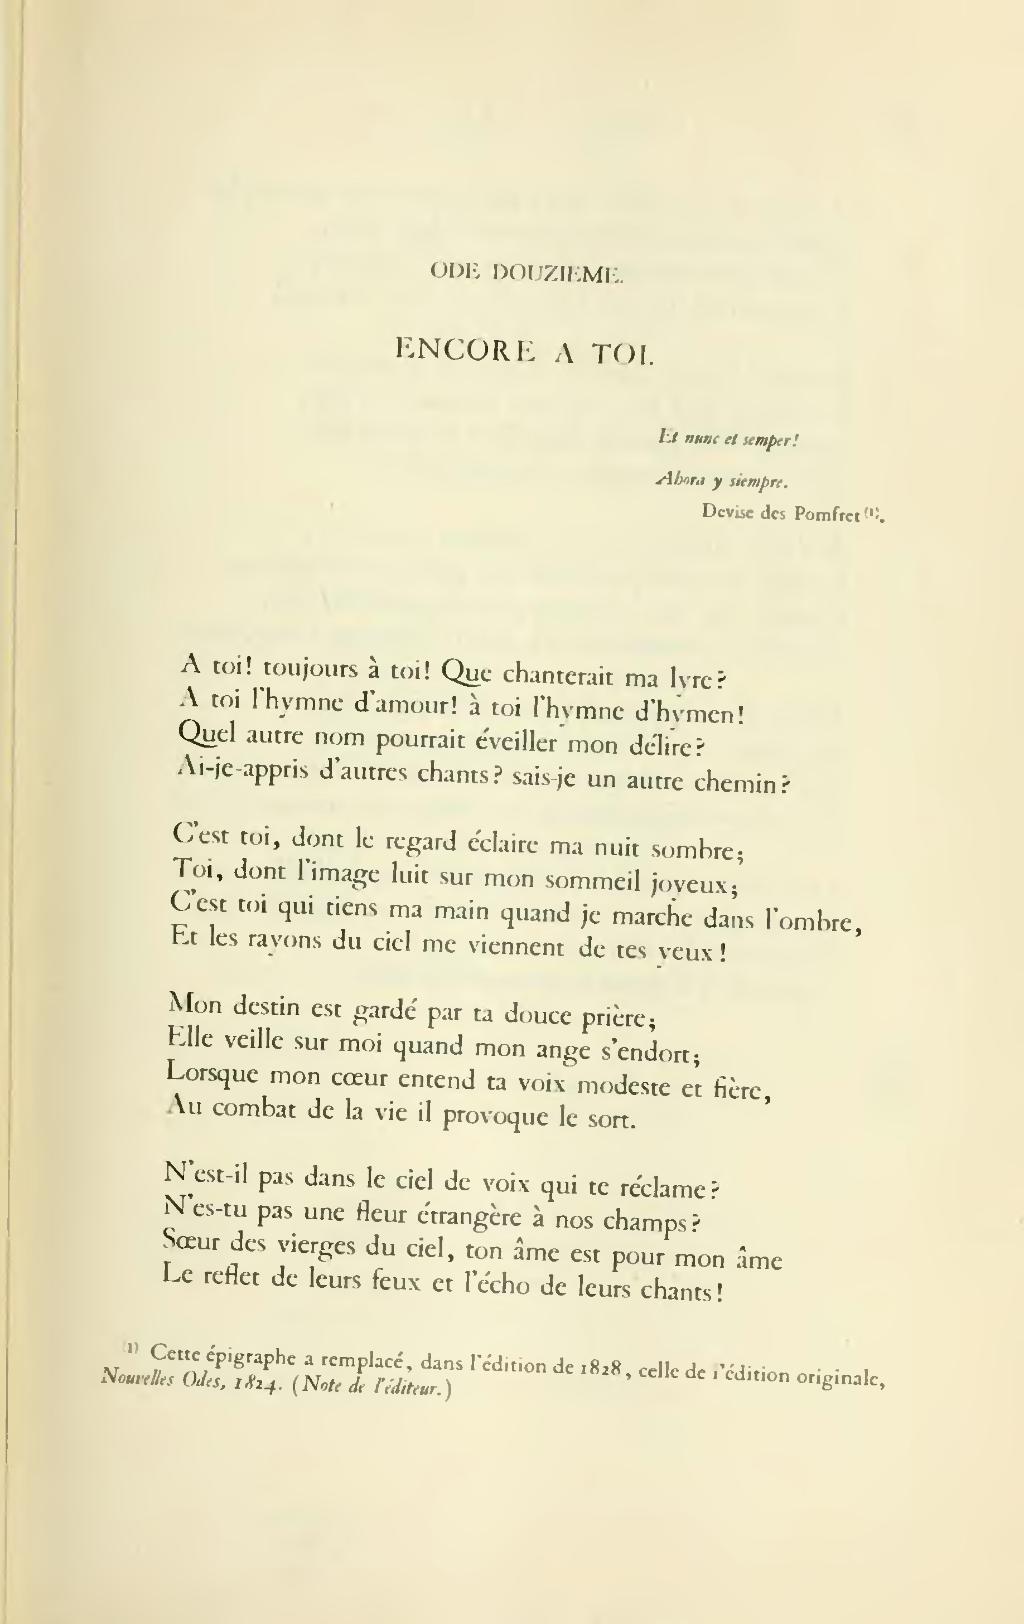 C'est Toi Qui Es : c'est, Page:Hugo, Œuvres, Complètes,, Impr., Nat.,, Poésie,, I.djvu/275, Wikisource